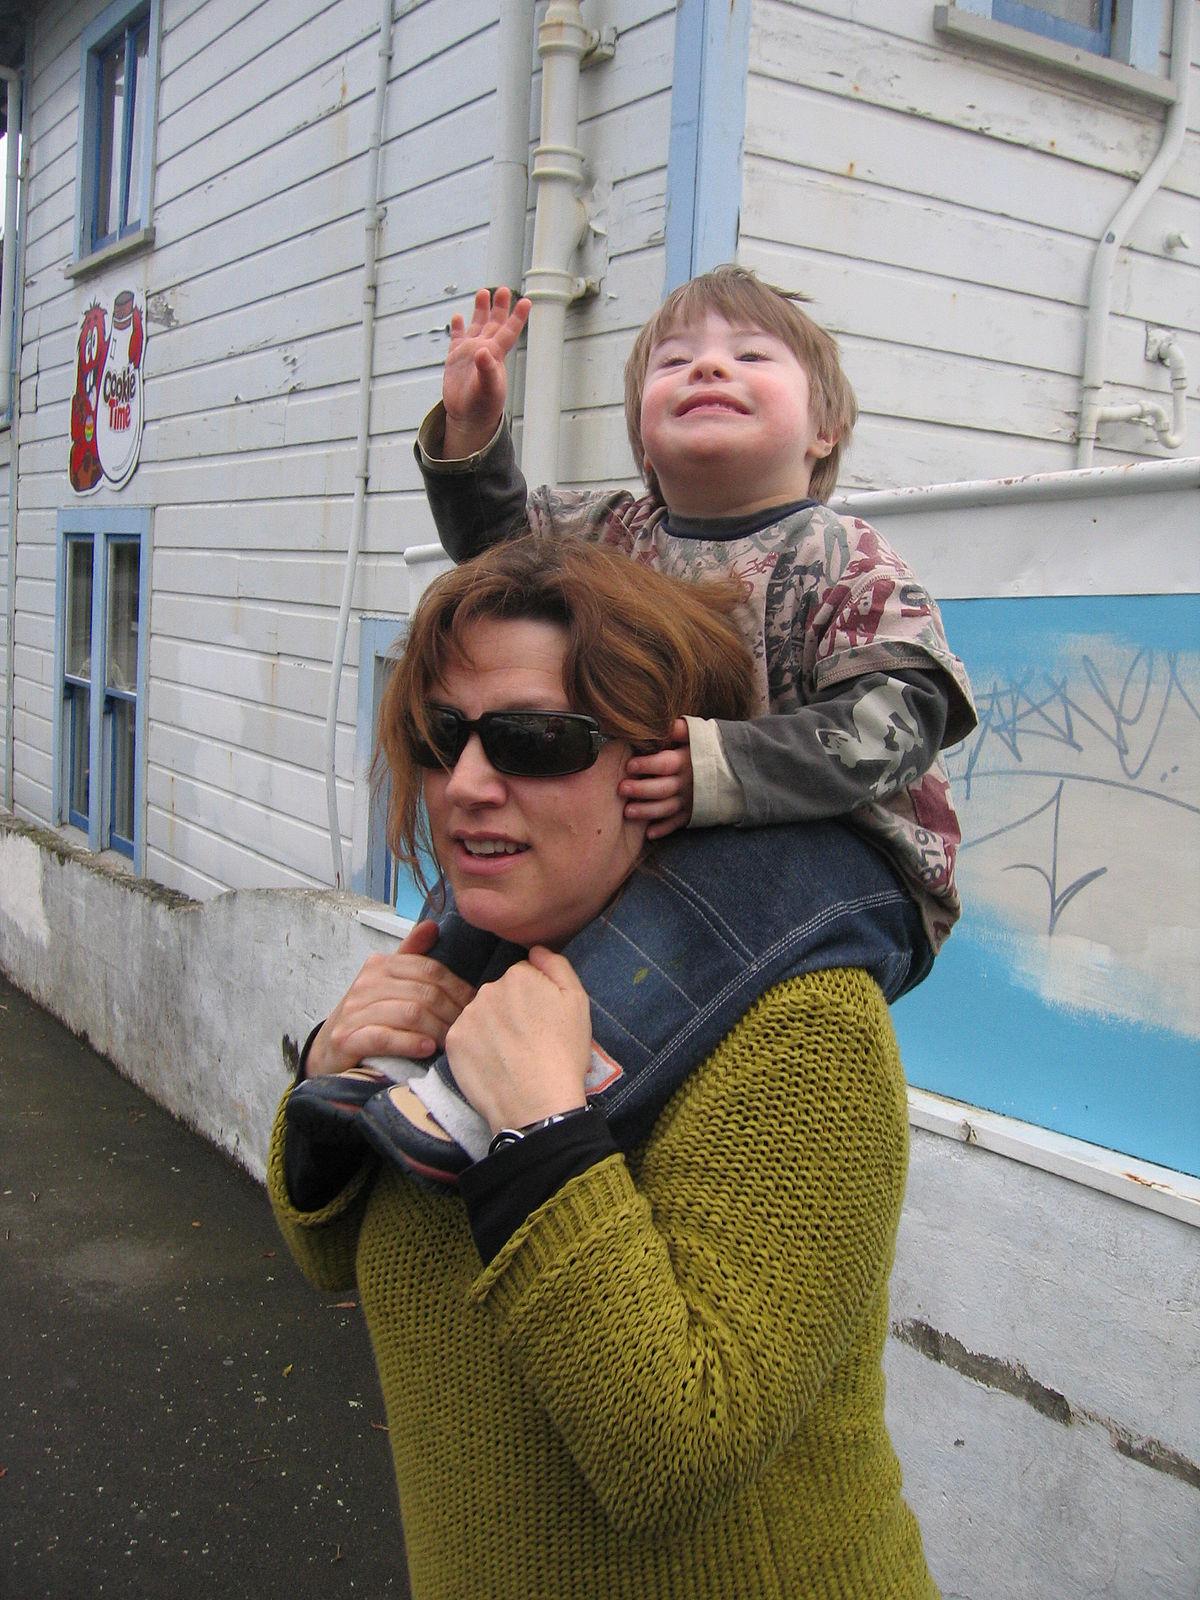 Mom To Kid How Do You Like School